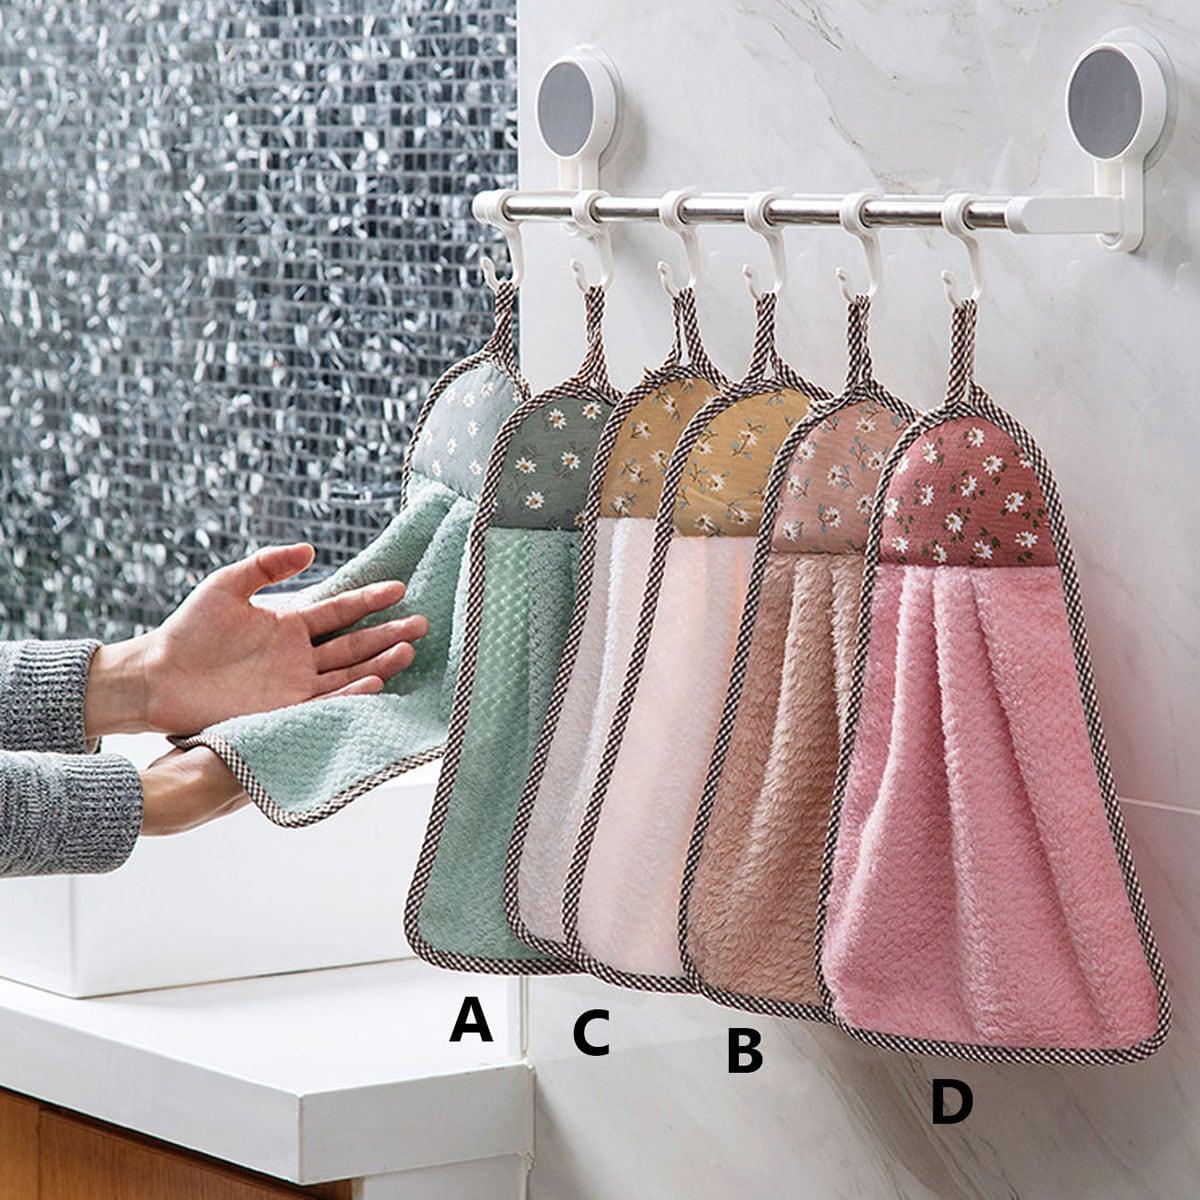 1pc bloemenprint handdoek